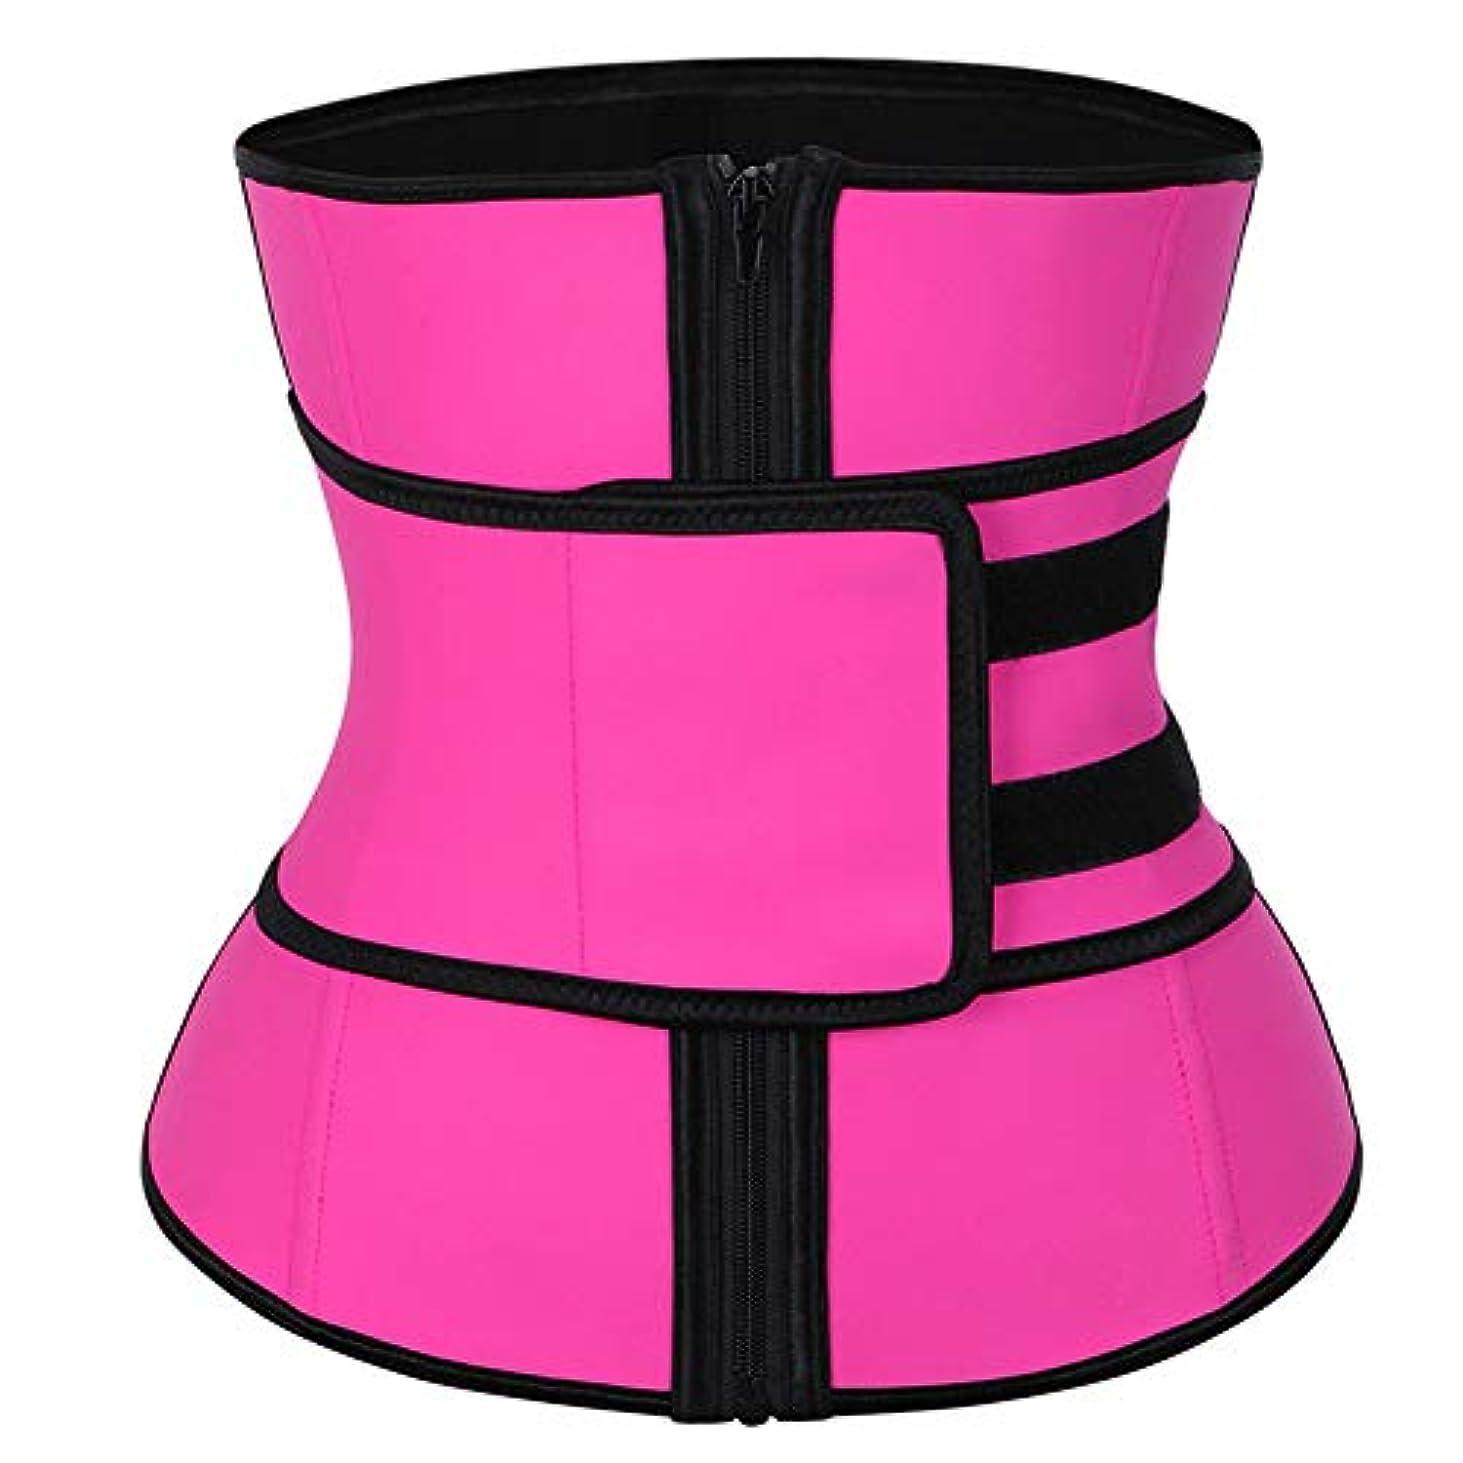 ロータリーカーペットそれによって女性のウエストトレーニングコルセットコルセットネオプレン付きジッパーウエストスリムベルトラテックスラテックス通気性ウエストボディシェイプ,Pink,XL